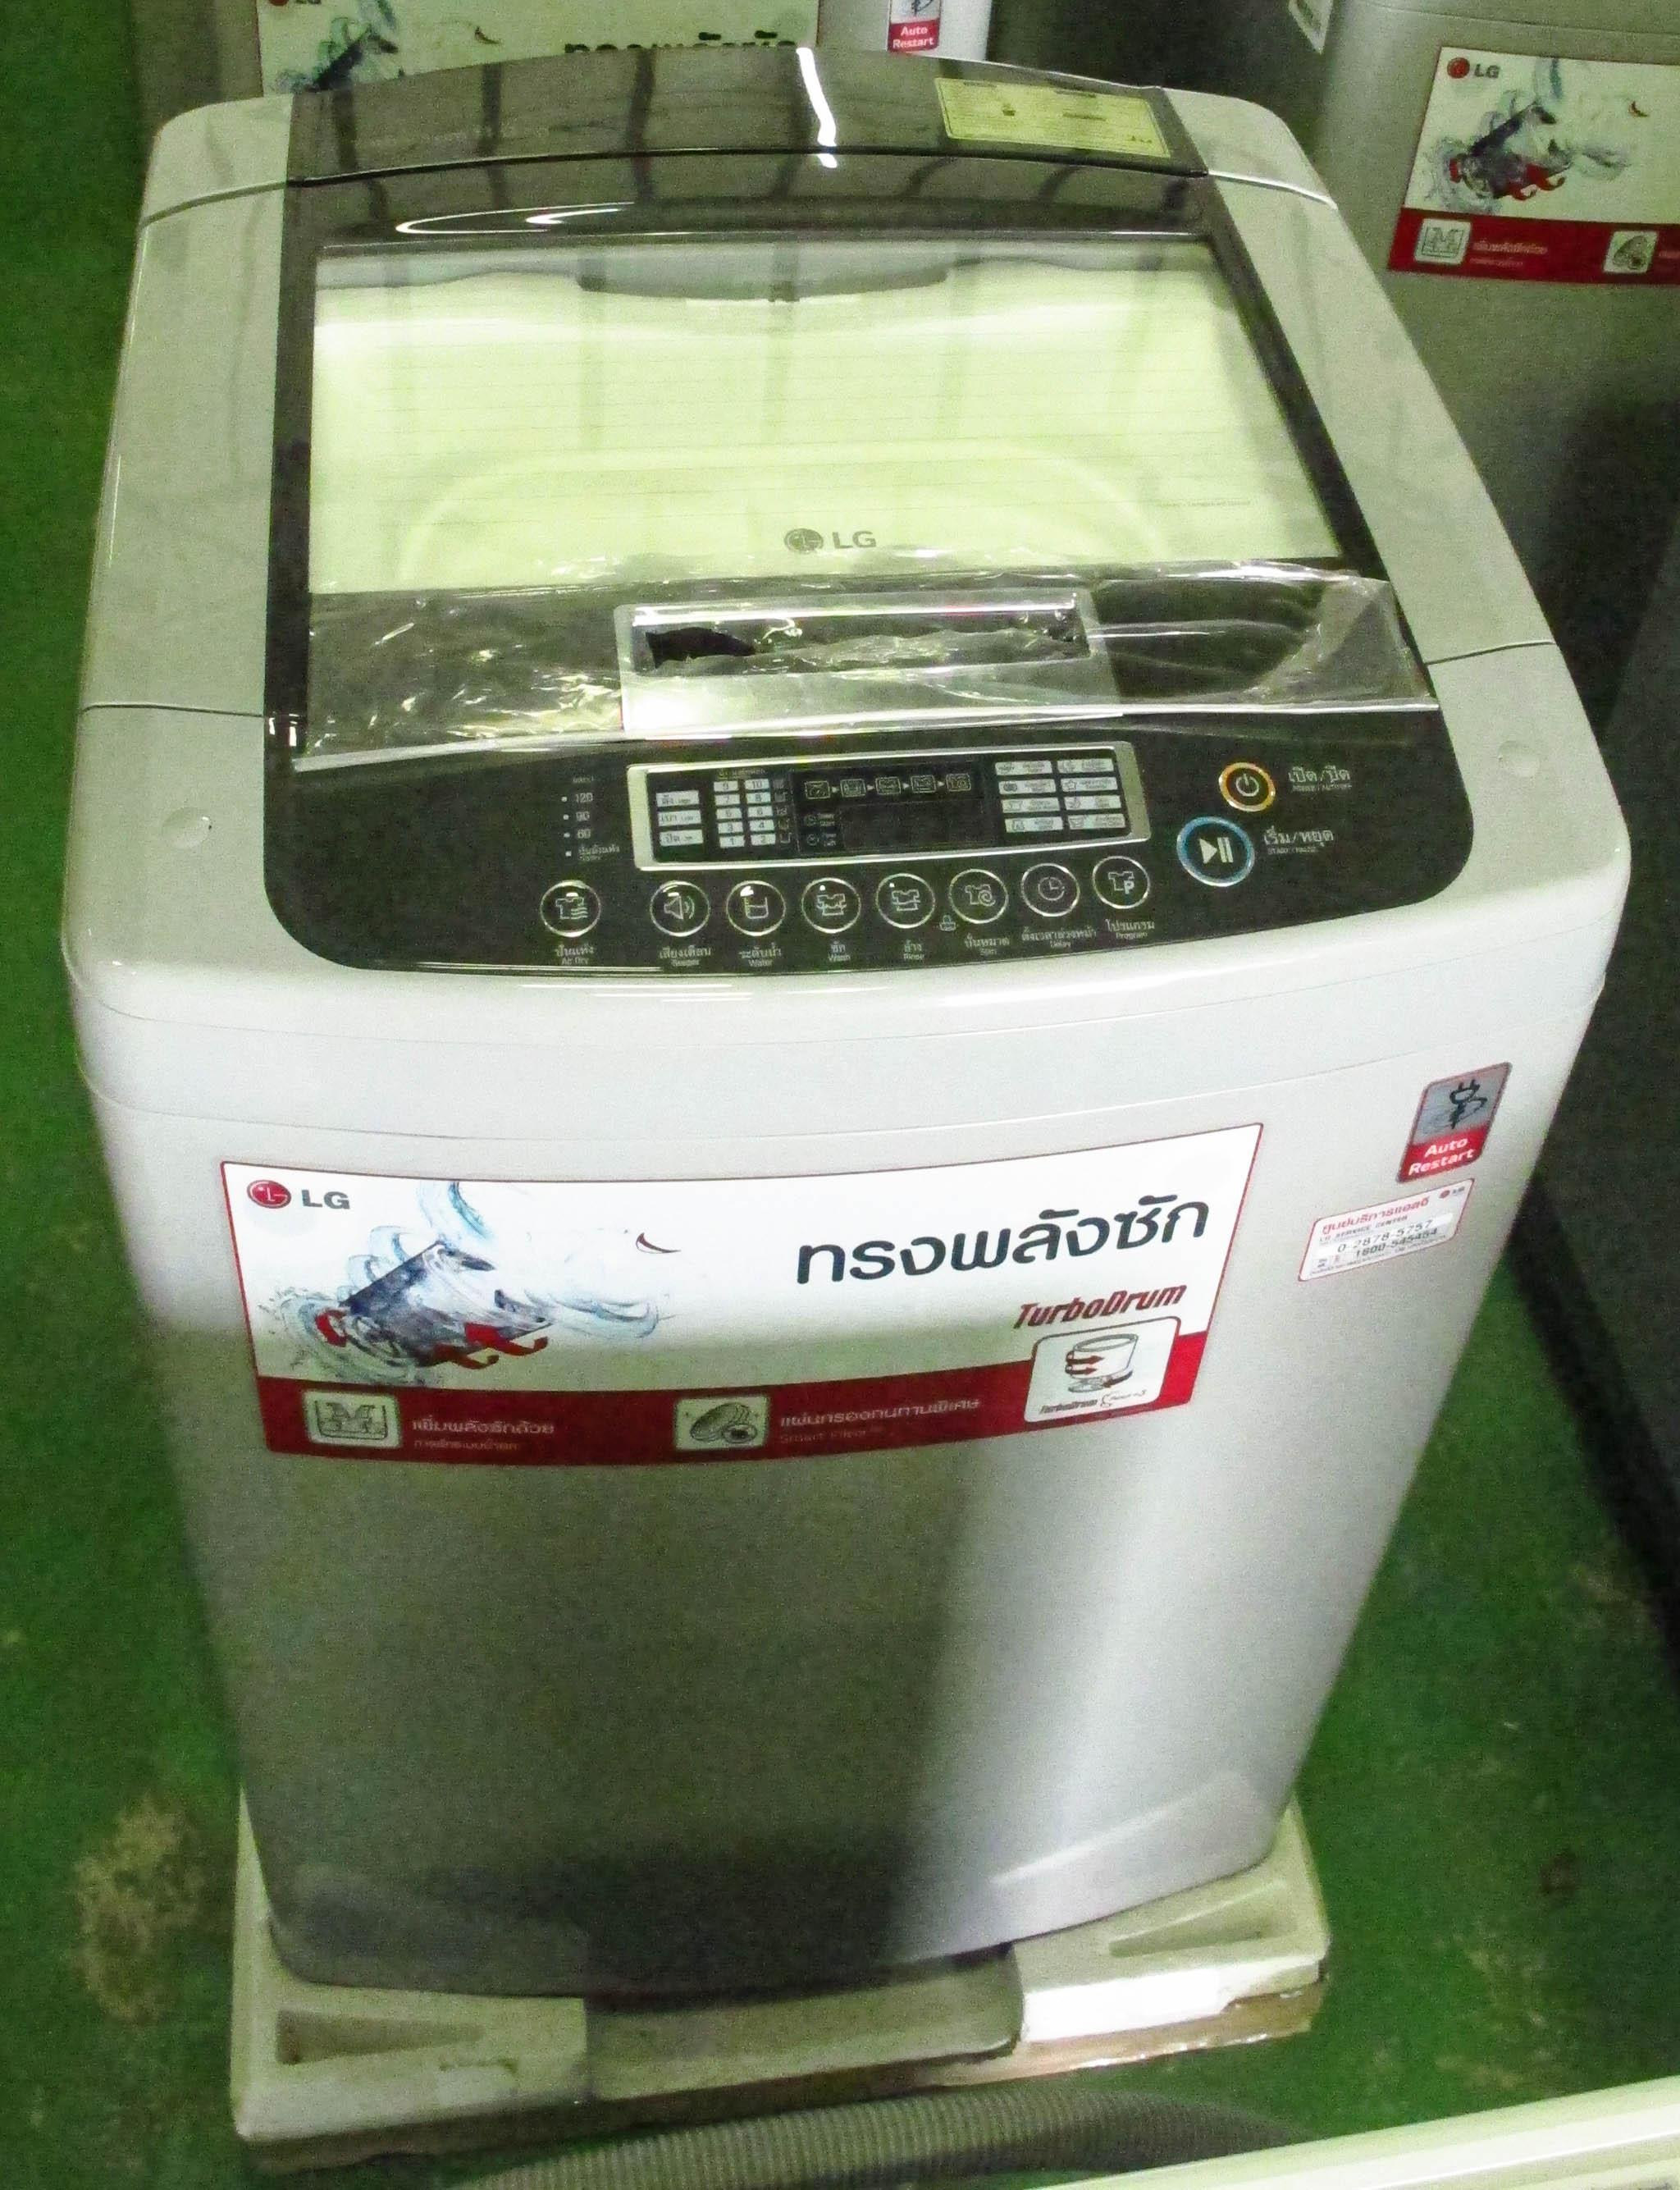 เครื่องซักผ้าฝาบน ขนาด11kg. รุ่นWF-T1156TD